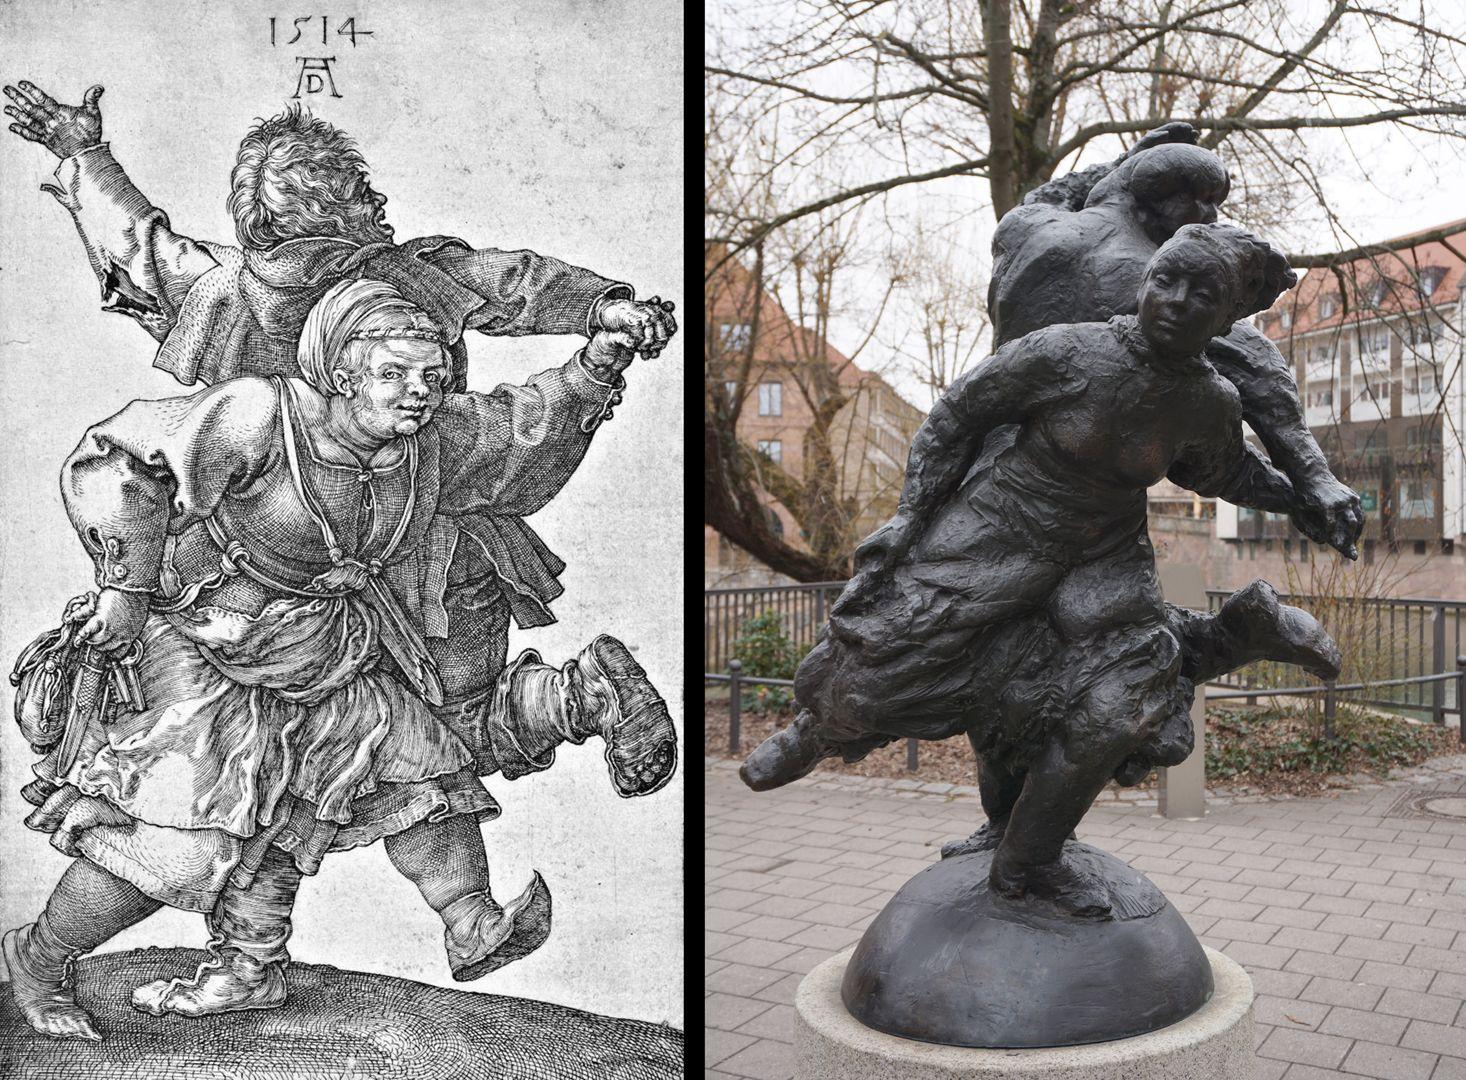 Tanzendes Bauernpaar Bildvergleich: Kupferstich von Dürer aus dem Jahre 1514 mit der ausgeführten Skulptur